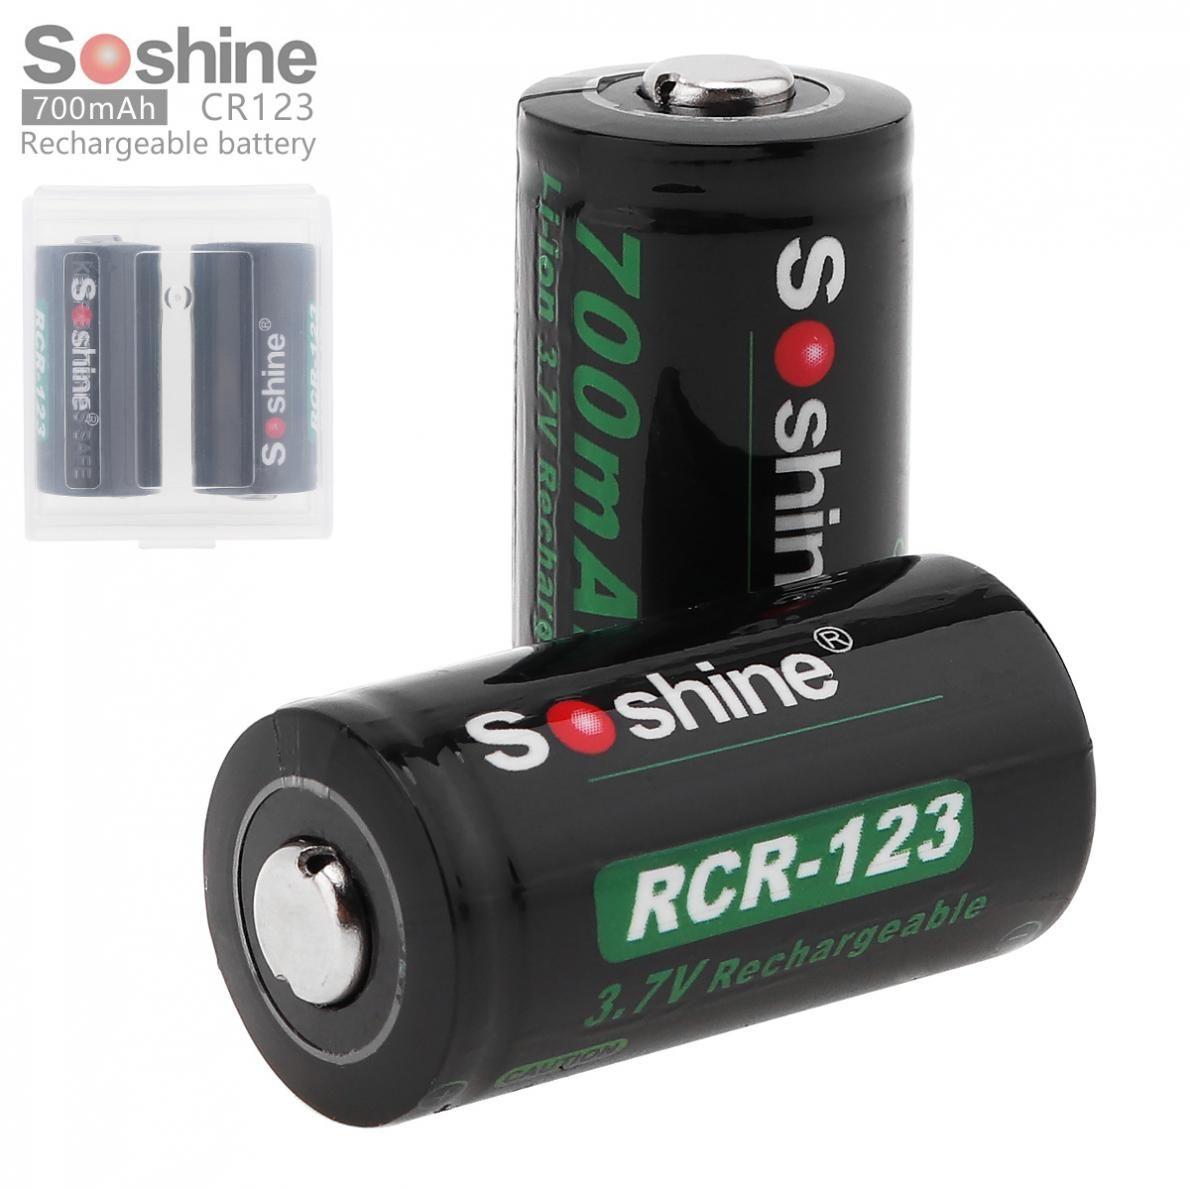 4 pièces Soshine Li-ion 700mAh 3.7V 16340 batterie Rechargeable Lithium-Ion CR123A Batterie + 2 Batteries boîte de rangement